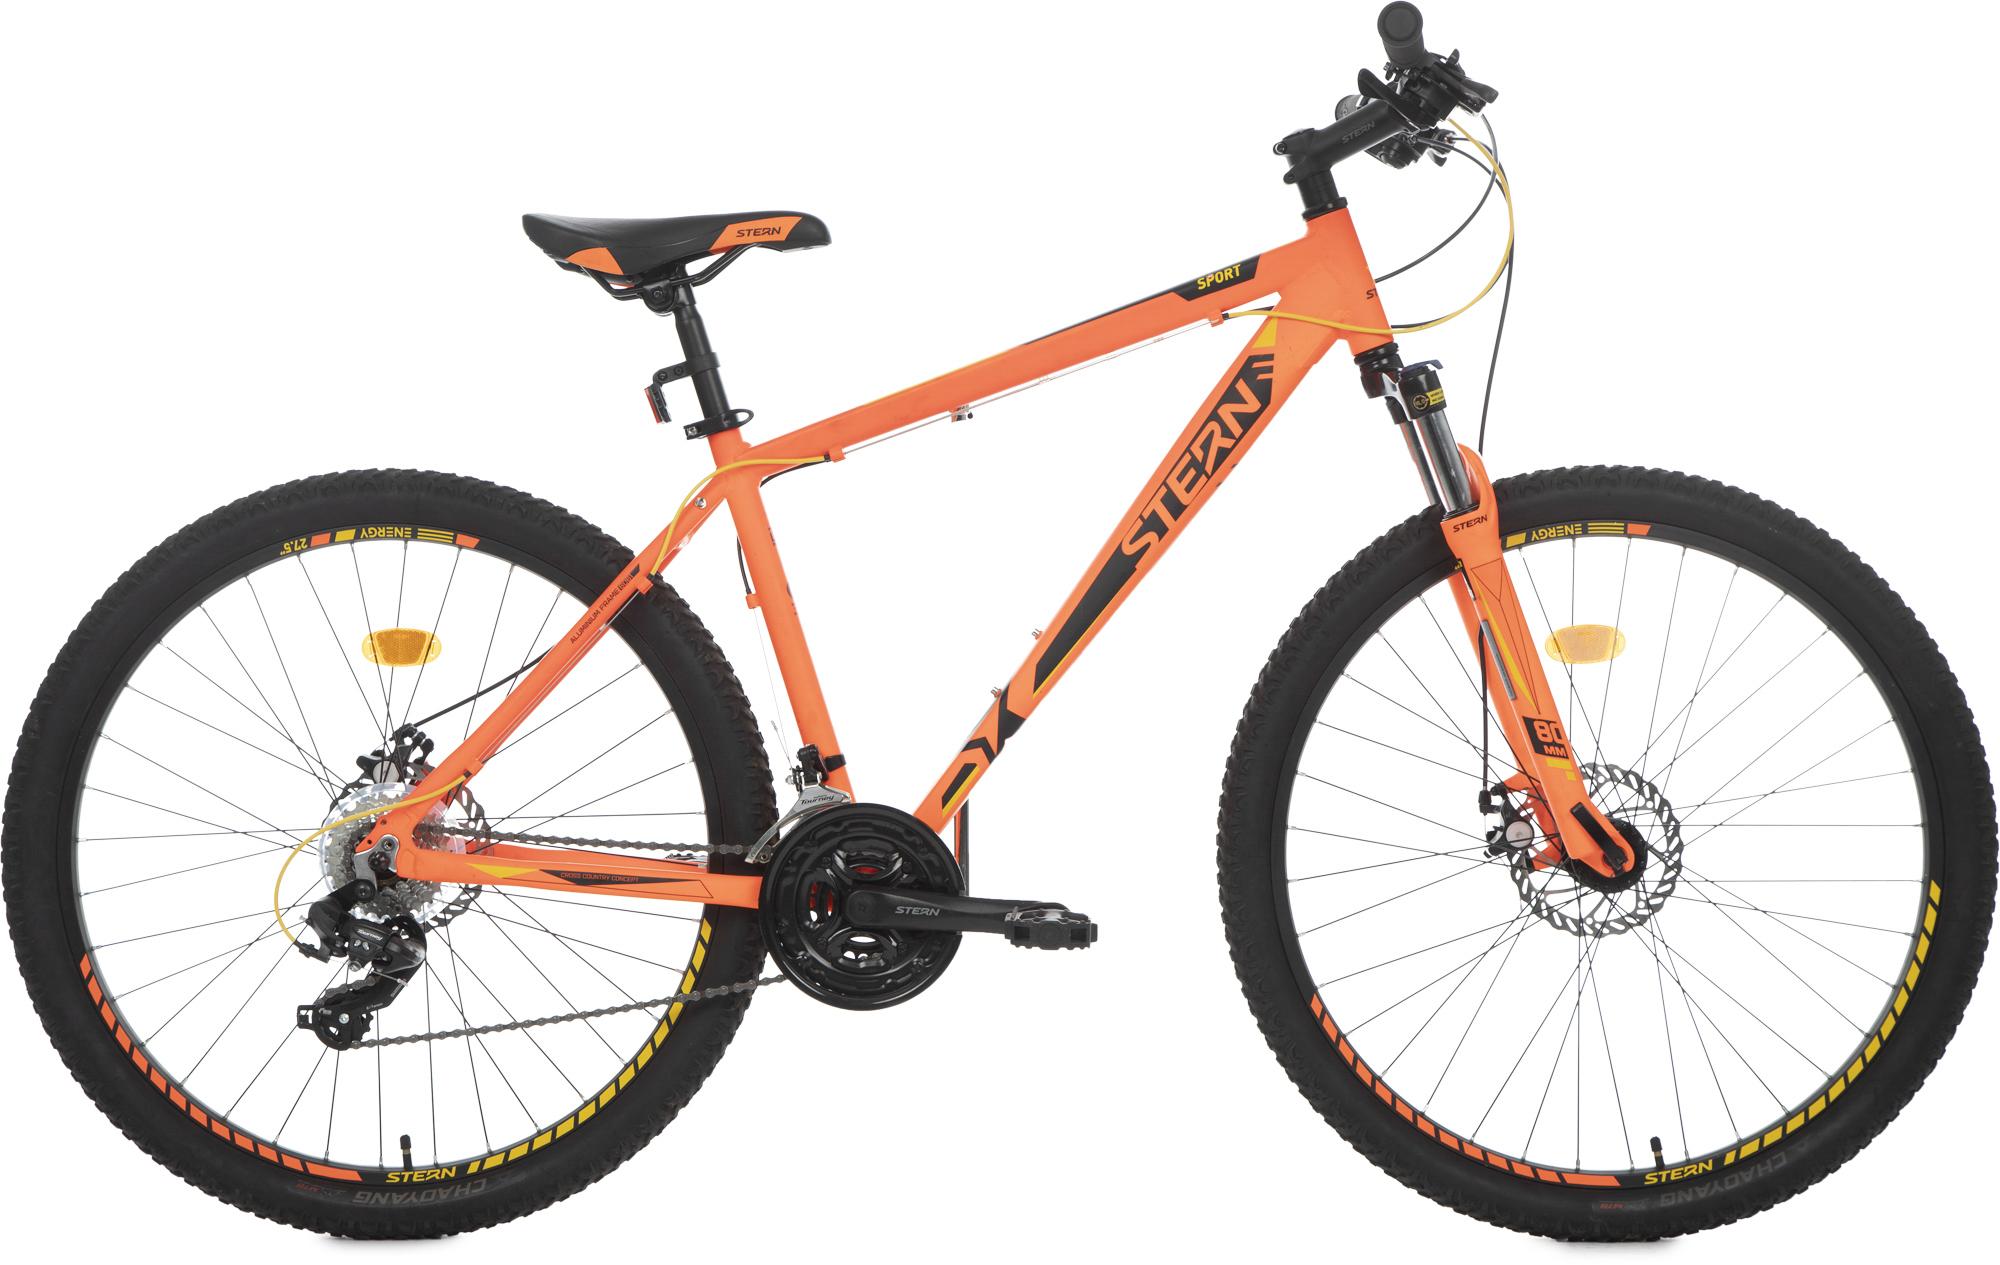 Stern Велосипед горный Stern Energy 2.0 Sport 27,5